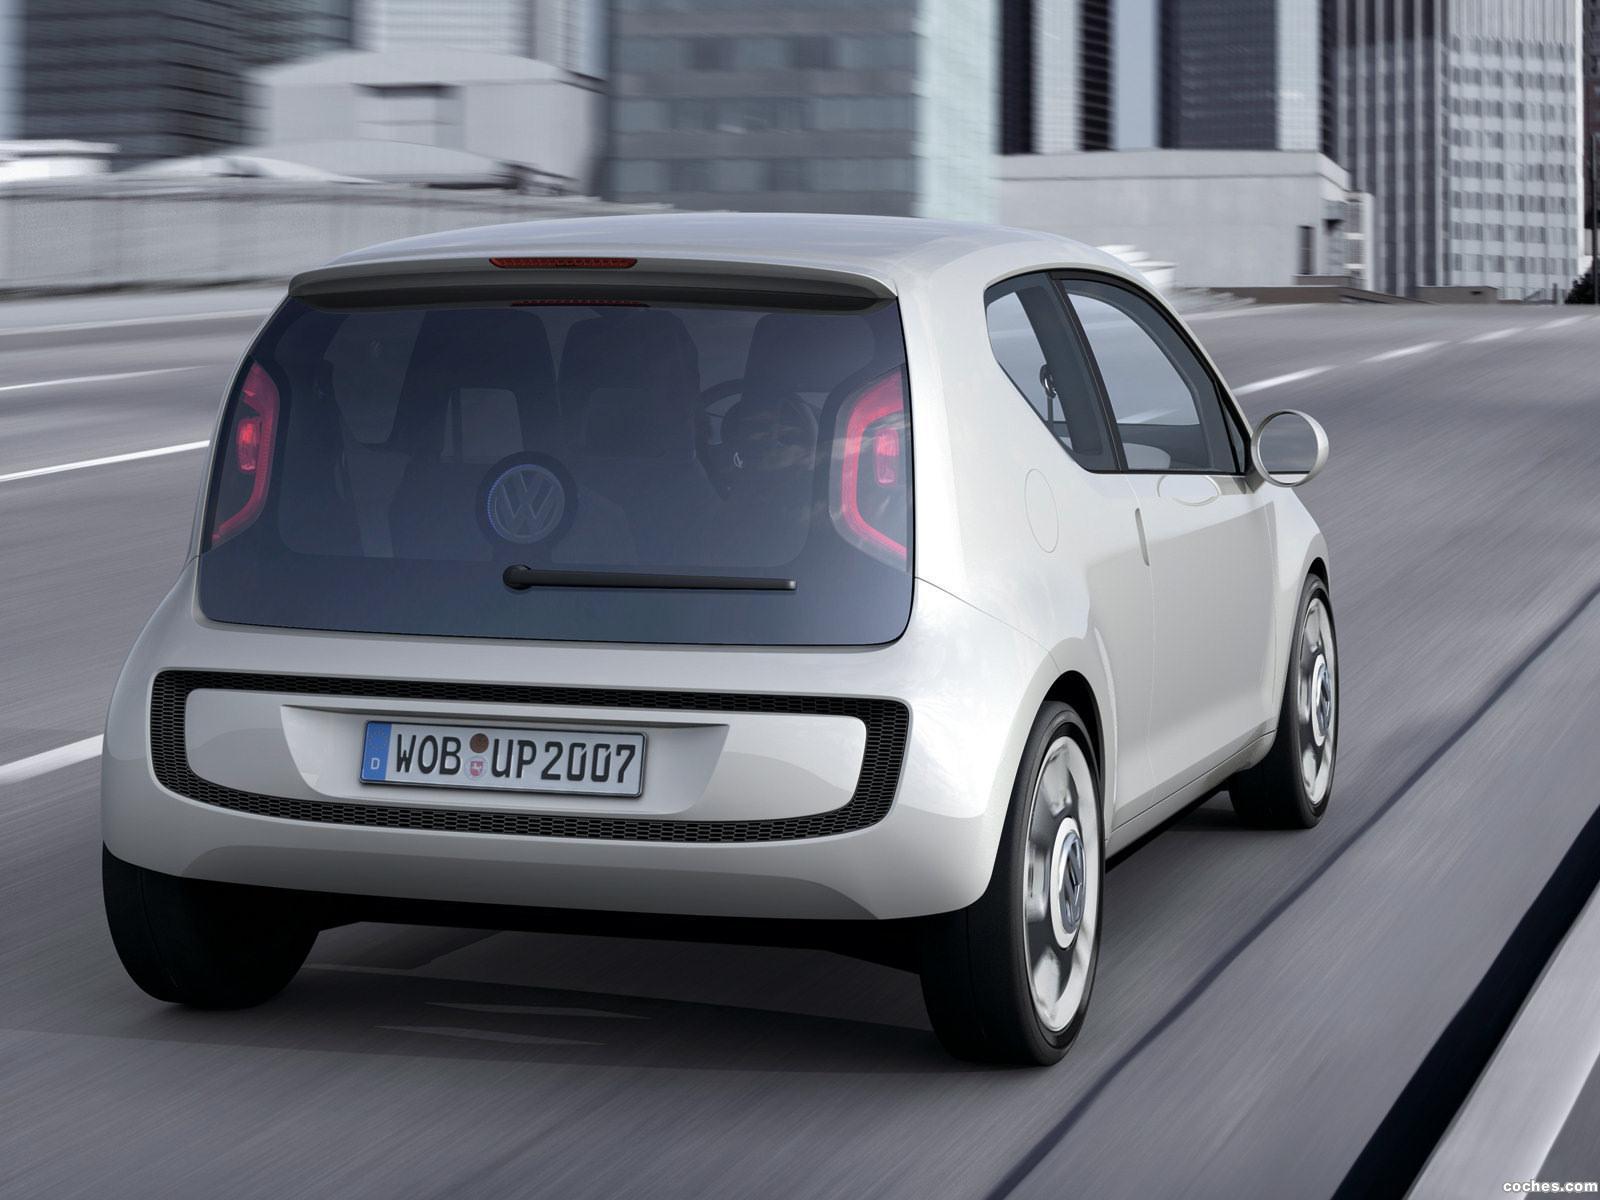 Foto 4 de Volkswagen Up! Concept 2007